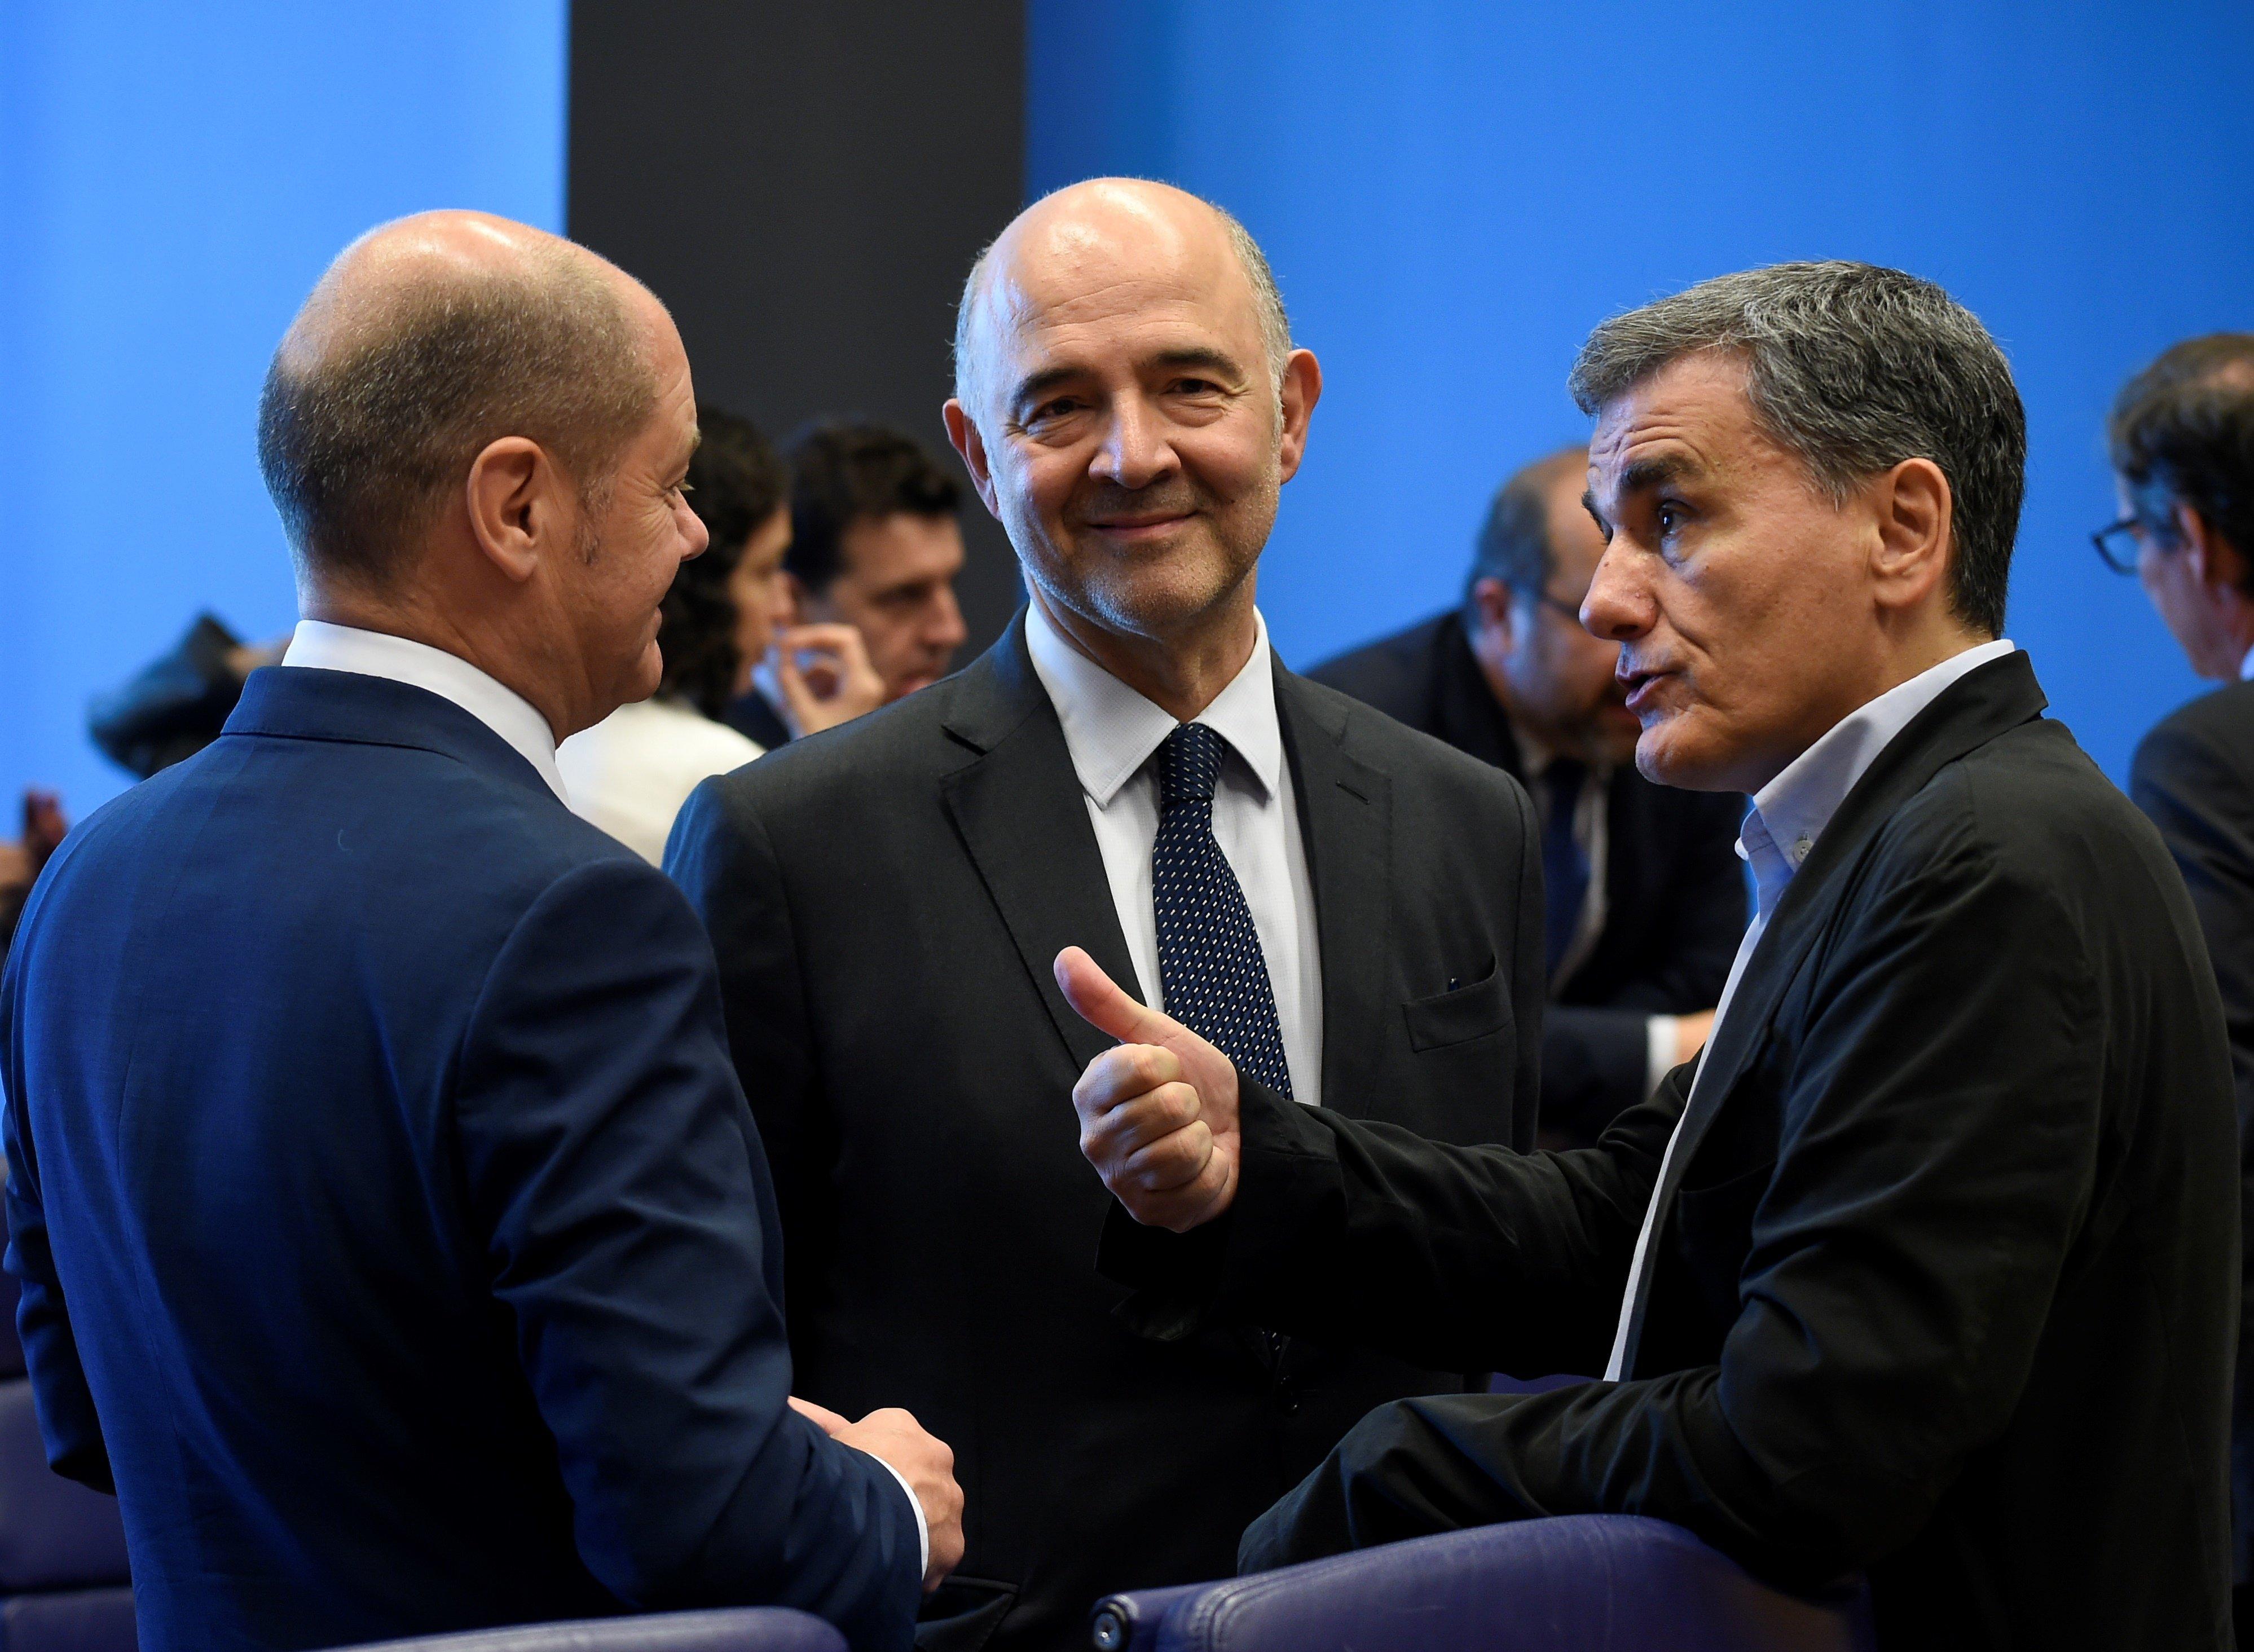 Τριμερής συνάντηση Ελλάδας, Γαλλίας, Γερμανία στο περιθώριο του Eurogroup